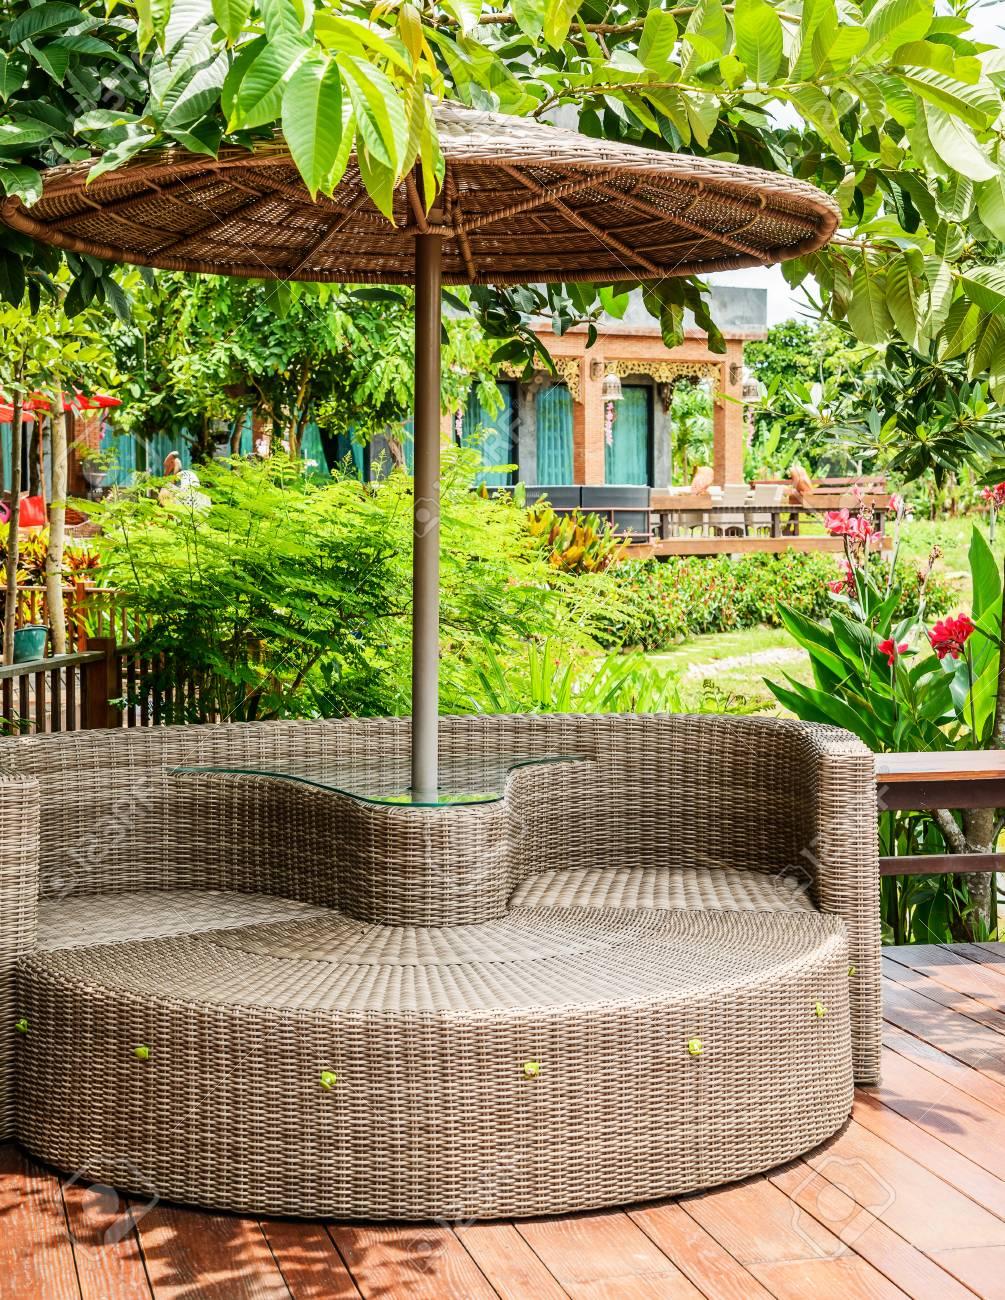 Modernas Sillas De Plástico Para Muebles De Mimbre En El Jardín, Se ...